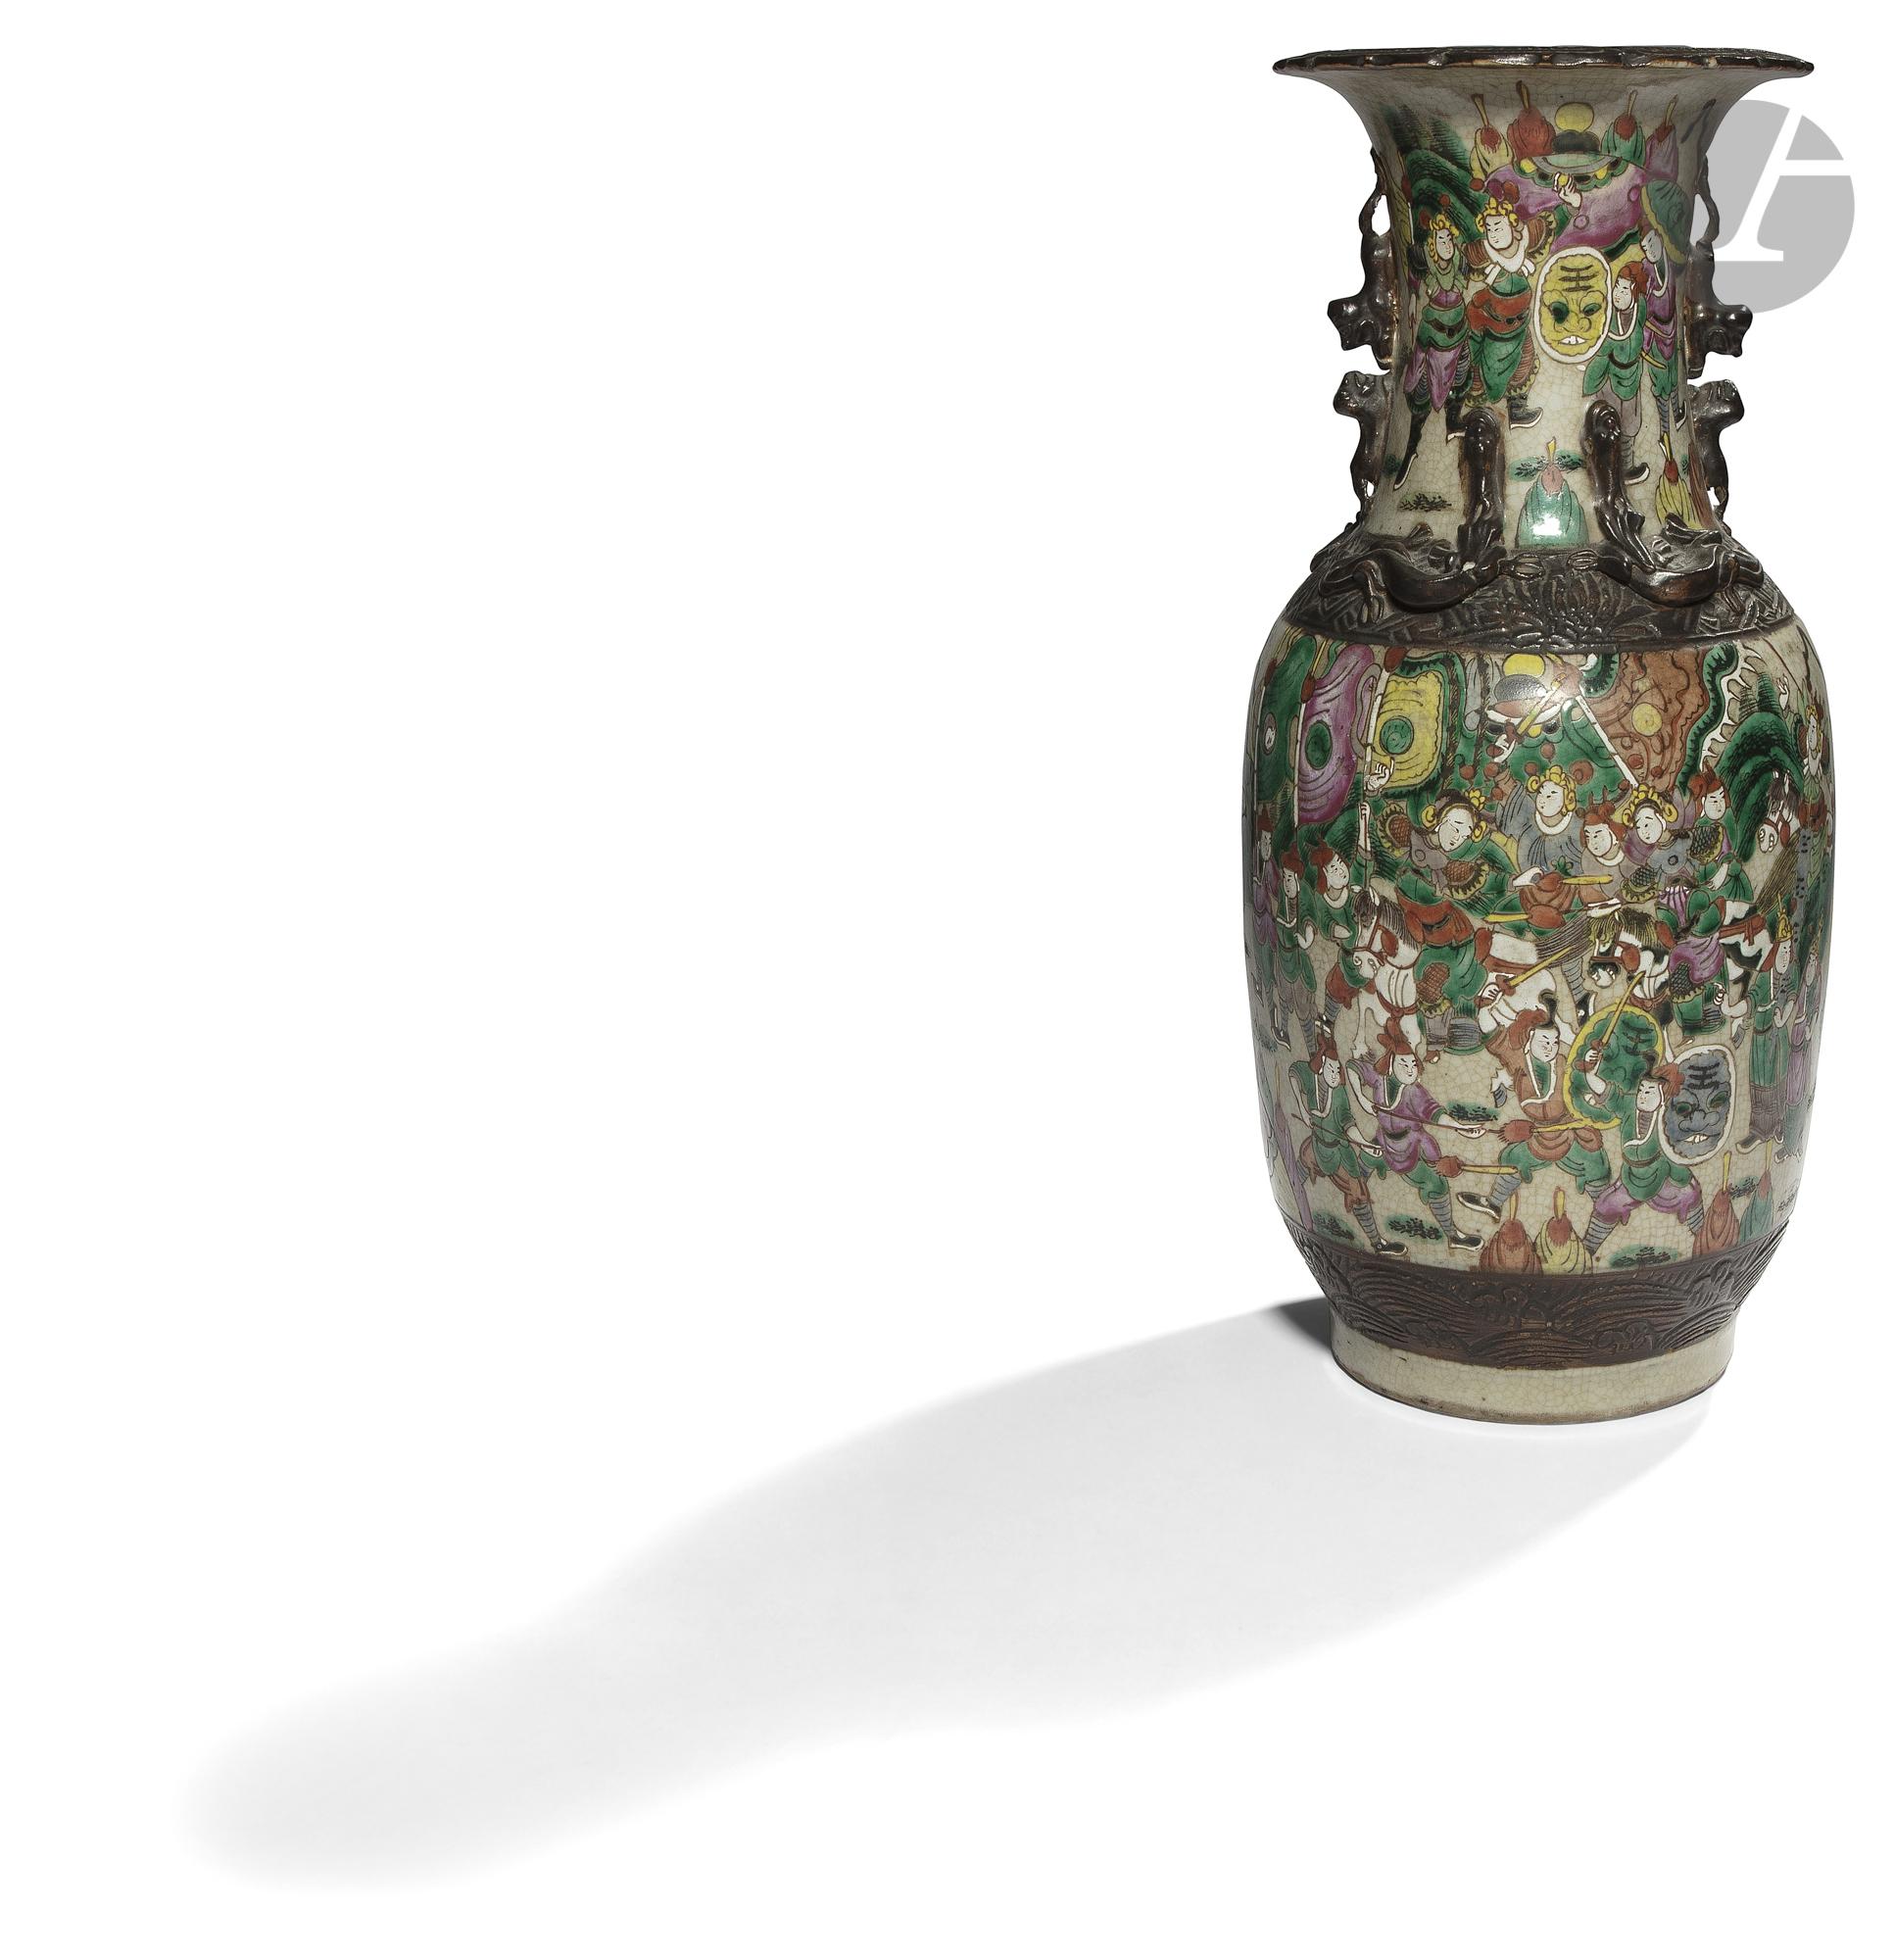 CHINE, Nankin - XIXe siècle Vase balustre à col ouvert polylobé en porcelaine craquelée émaillée